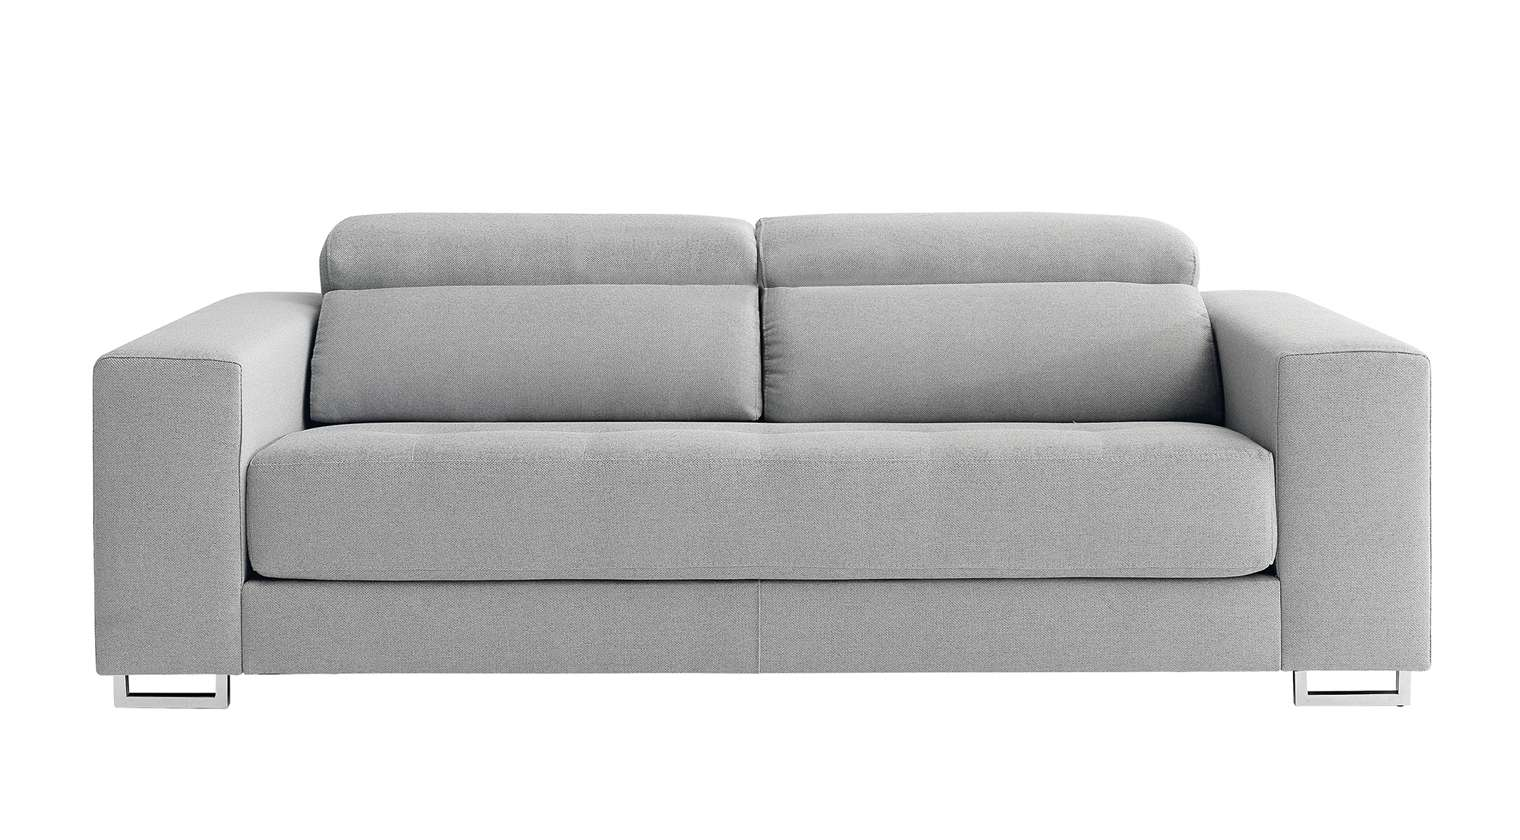 Comprar sof tela venus sofa 2 plazas microfibra vitelo for Sofas baratos asturias